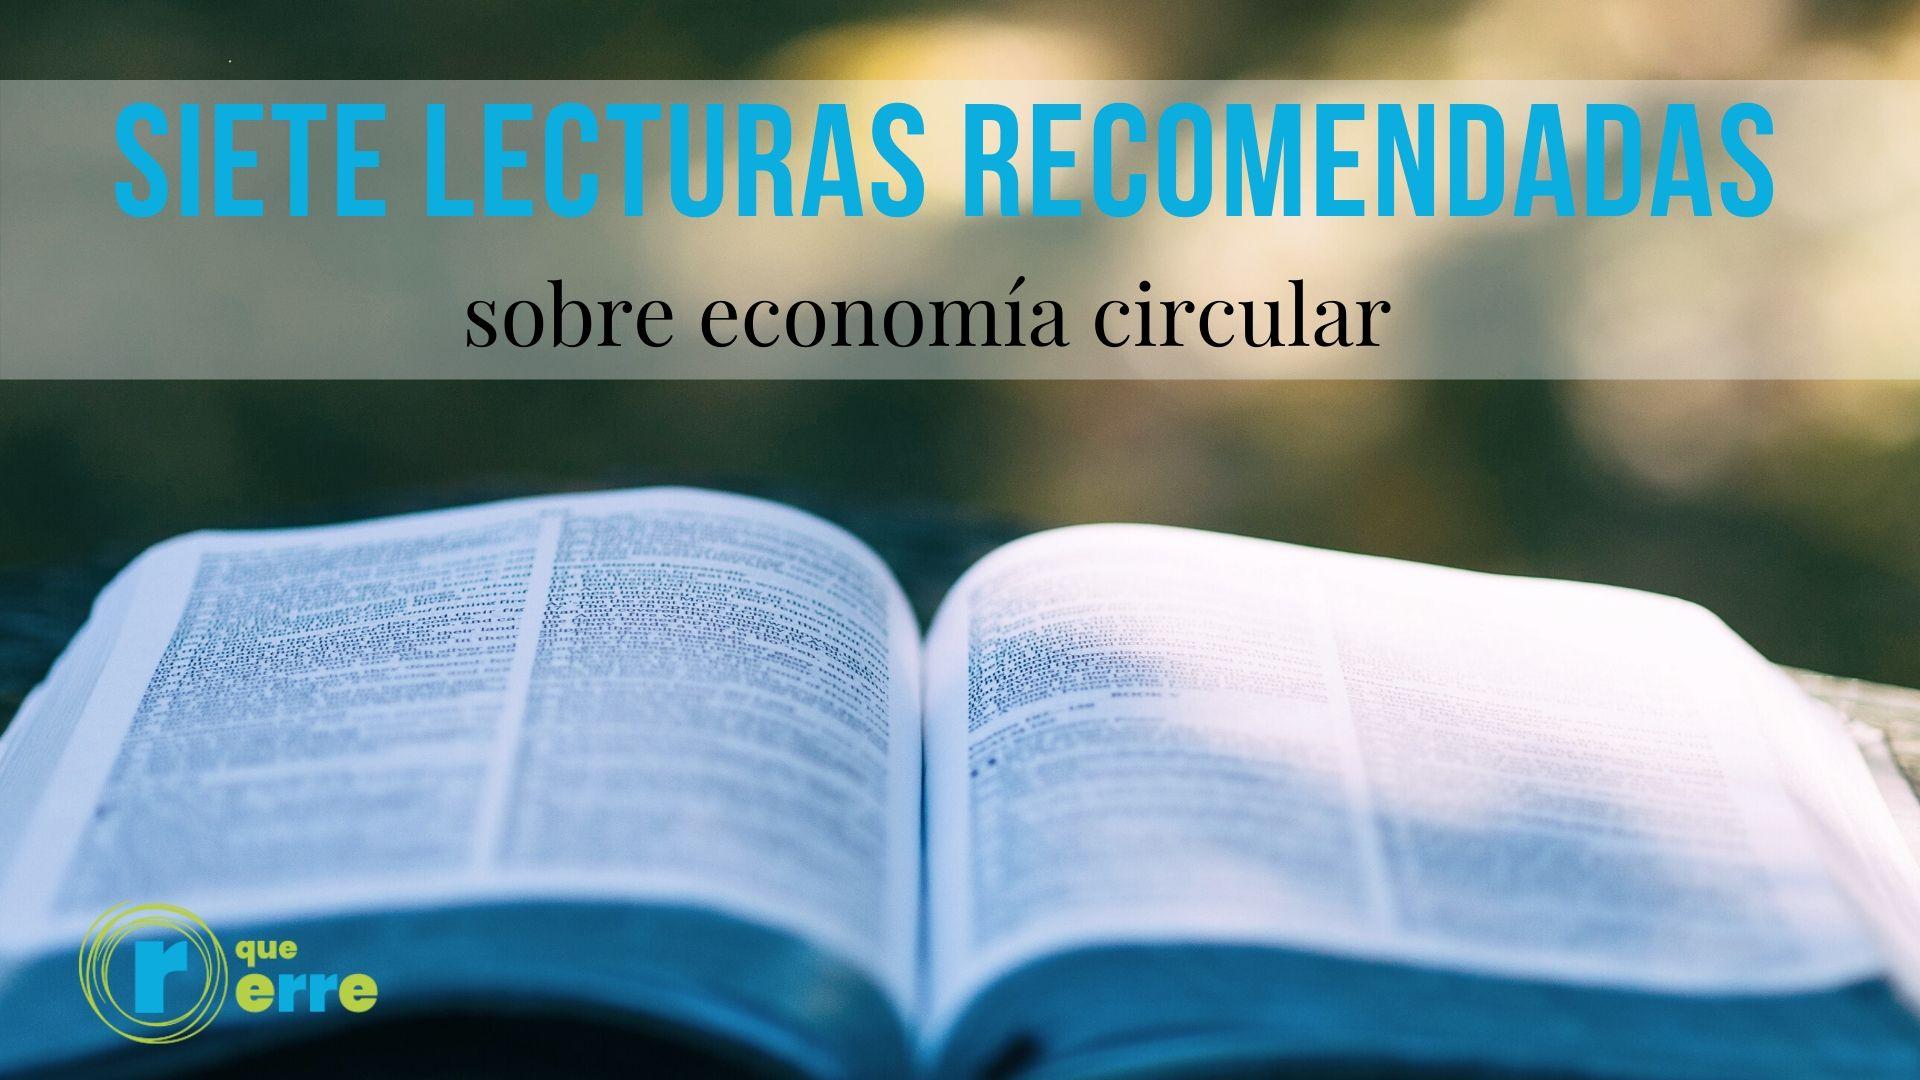 Siete lecturas sobre economía circular para el Día del Libro